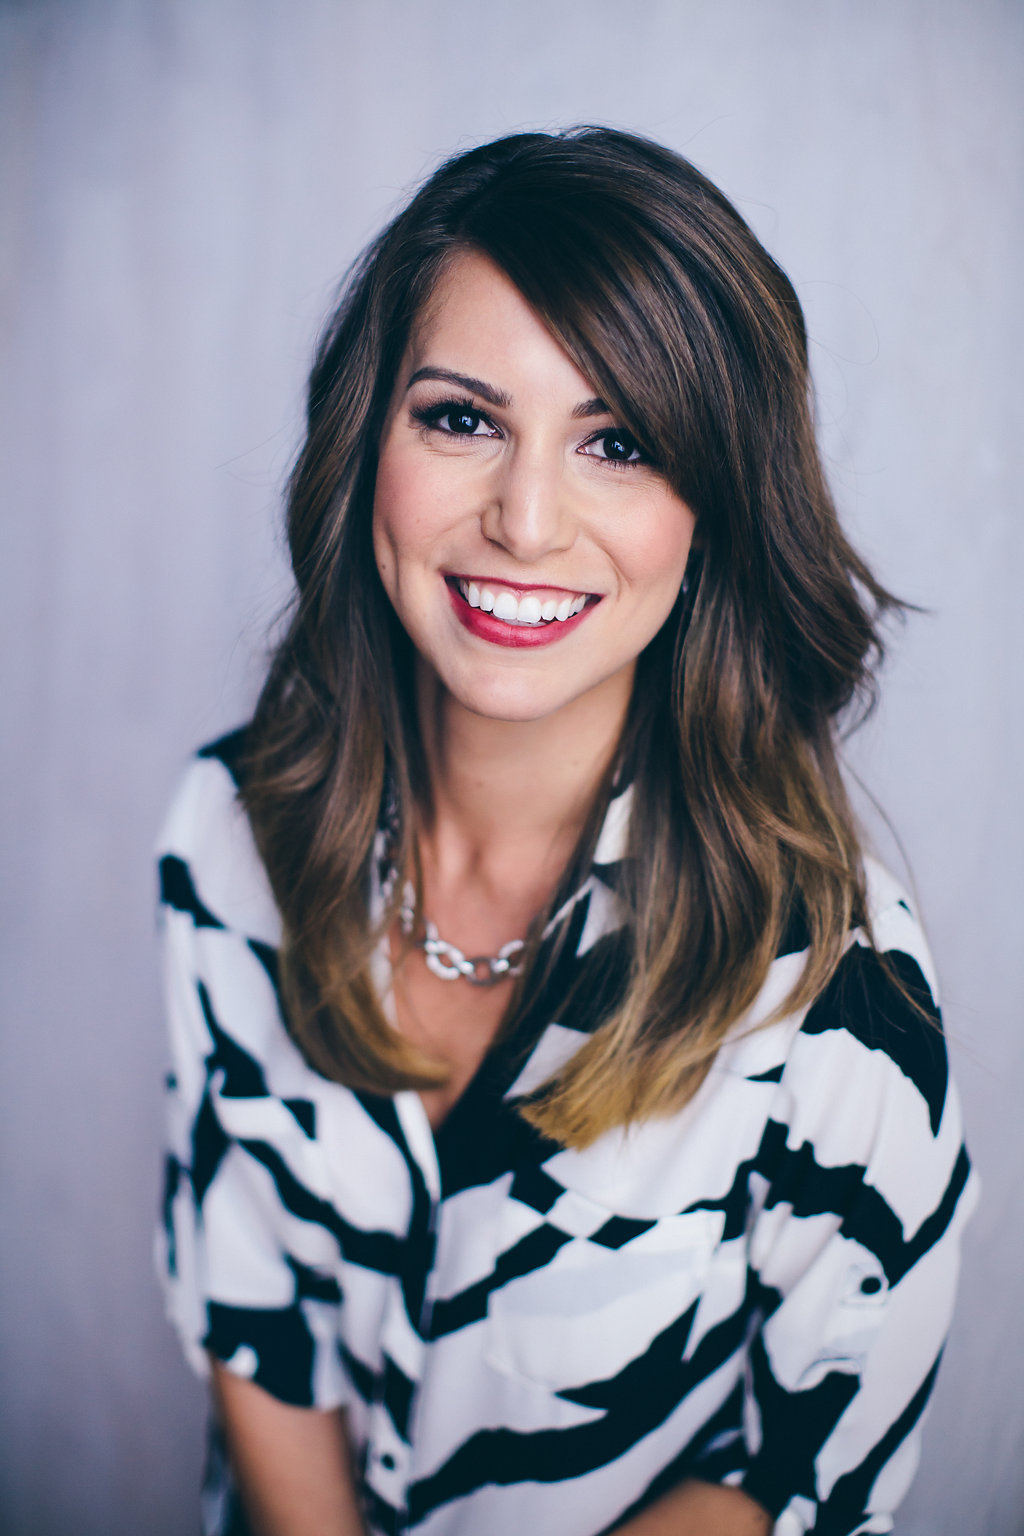 Samantha Olson